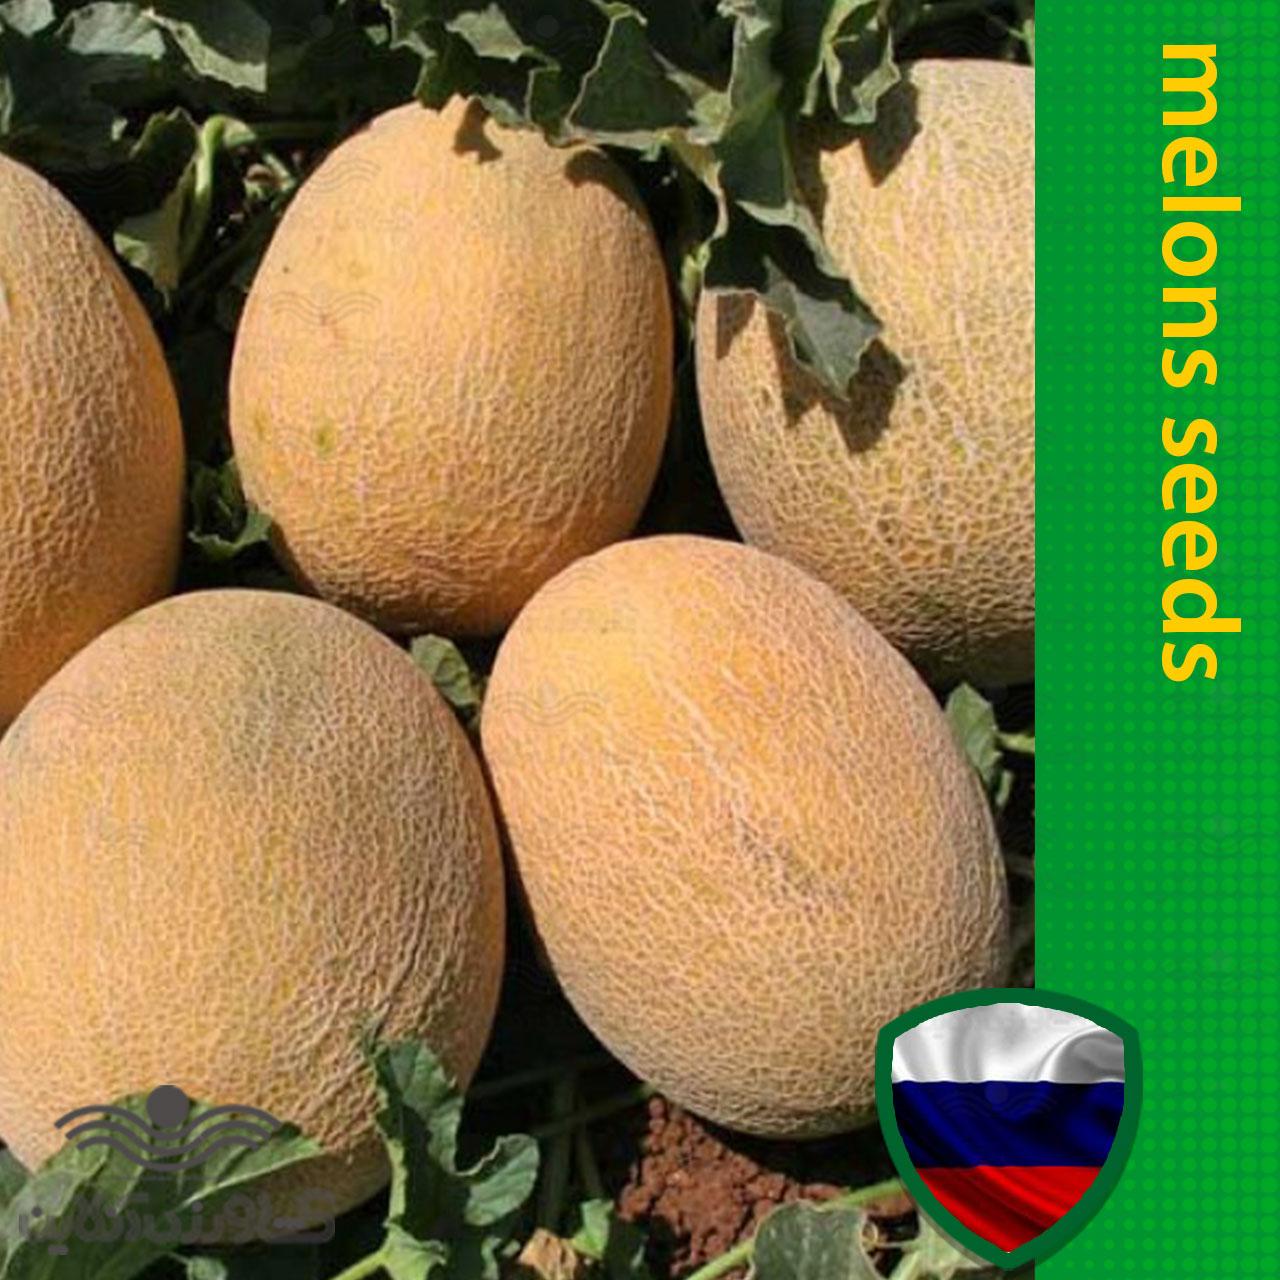 بذر خربزه آناناسی خارجی خانگی